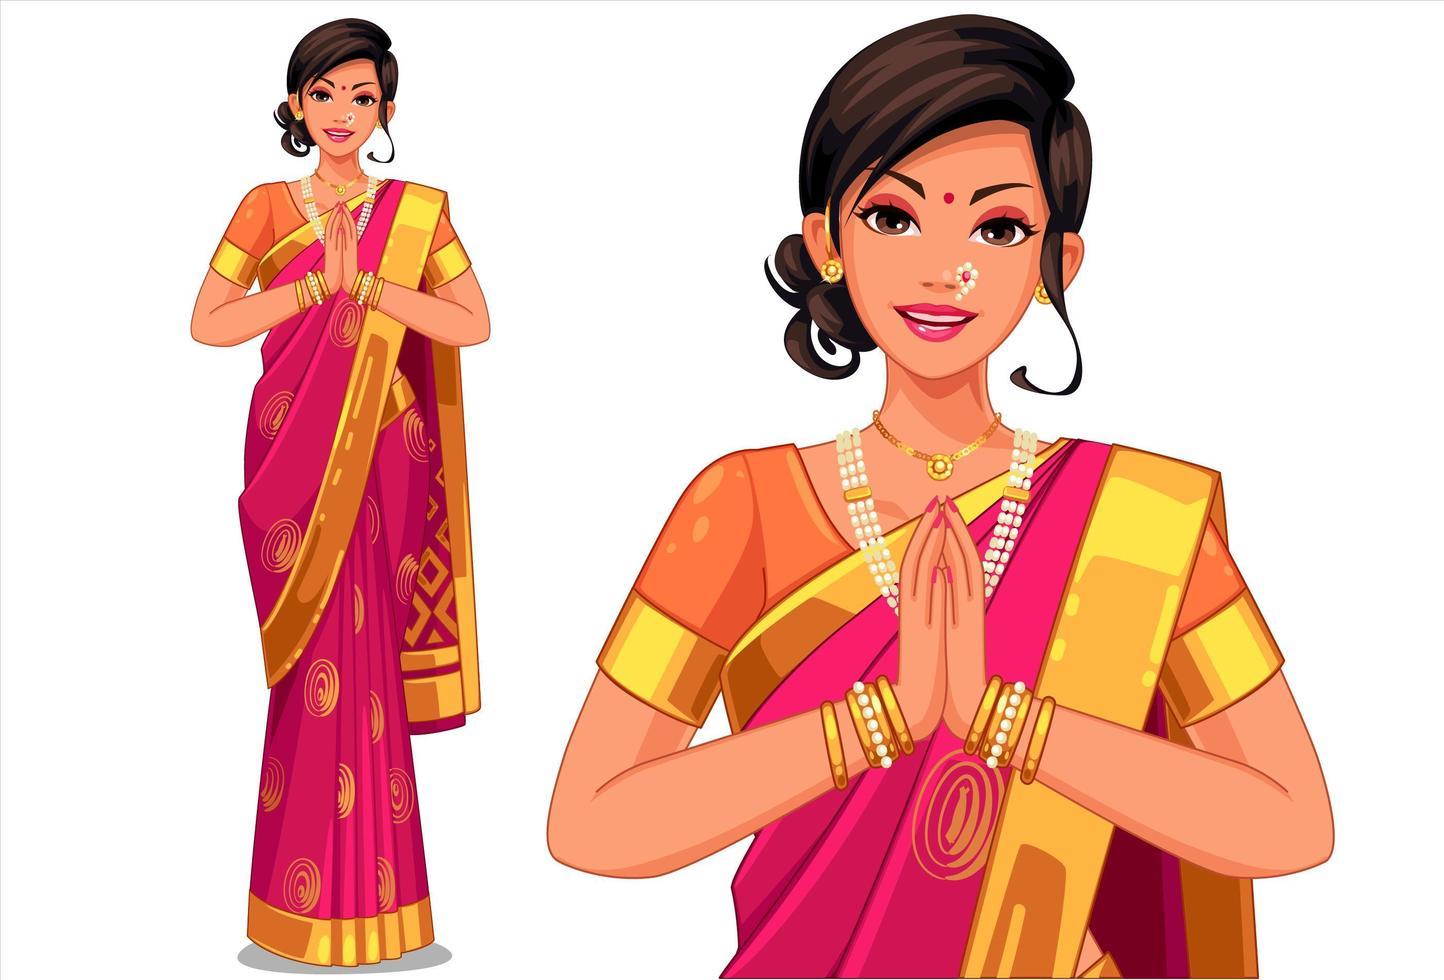 donna in abiti tradizionali indiani vettore